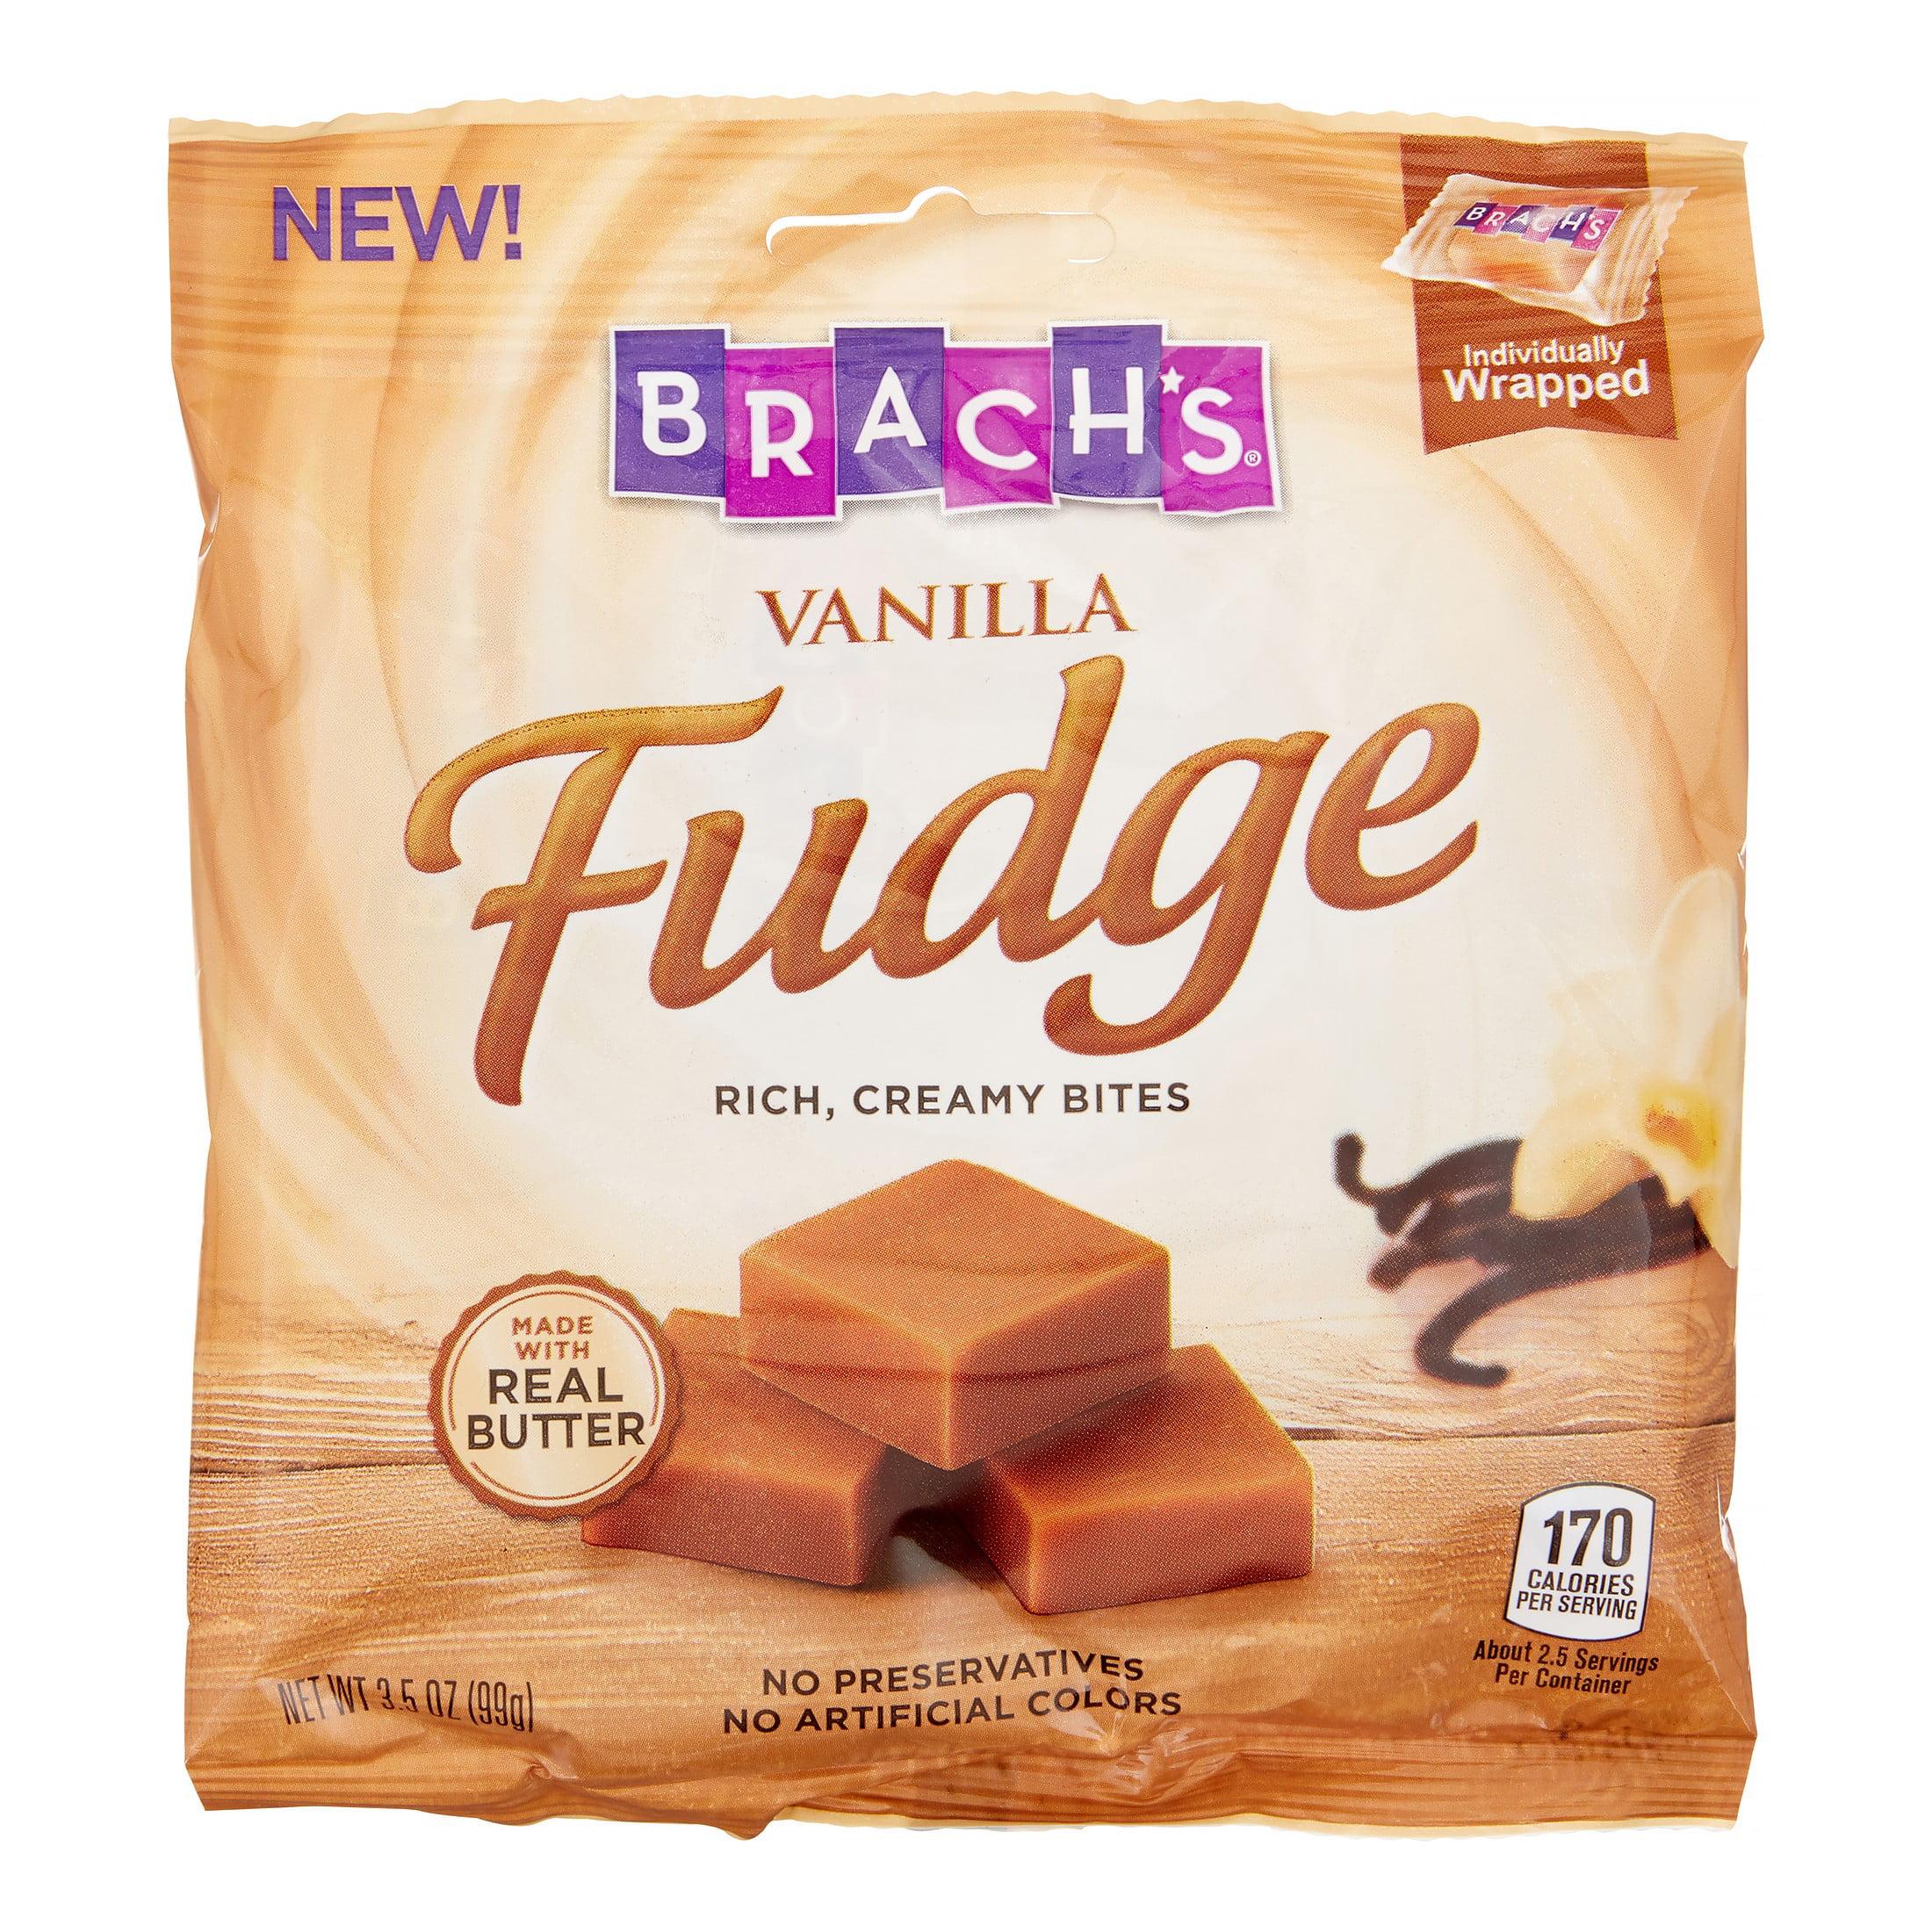 Brach's Vanilla Fudge, 3.5 Oz Bag by Ferrara Candy Company